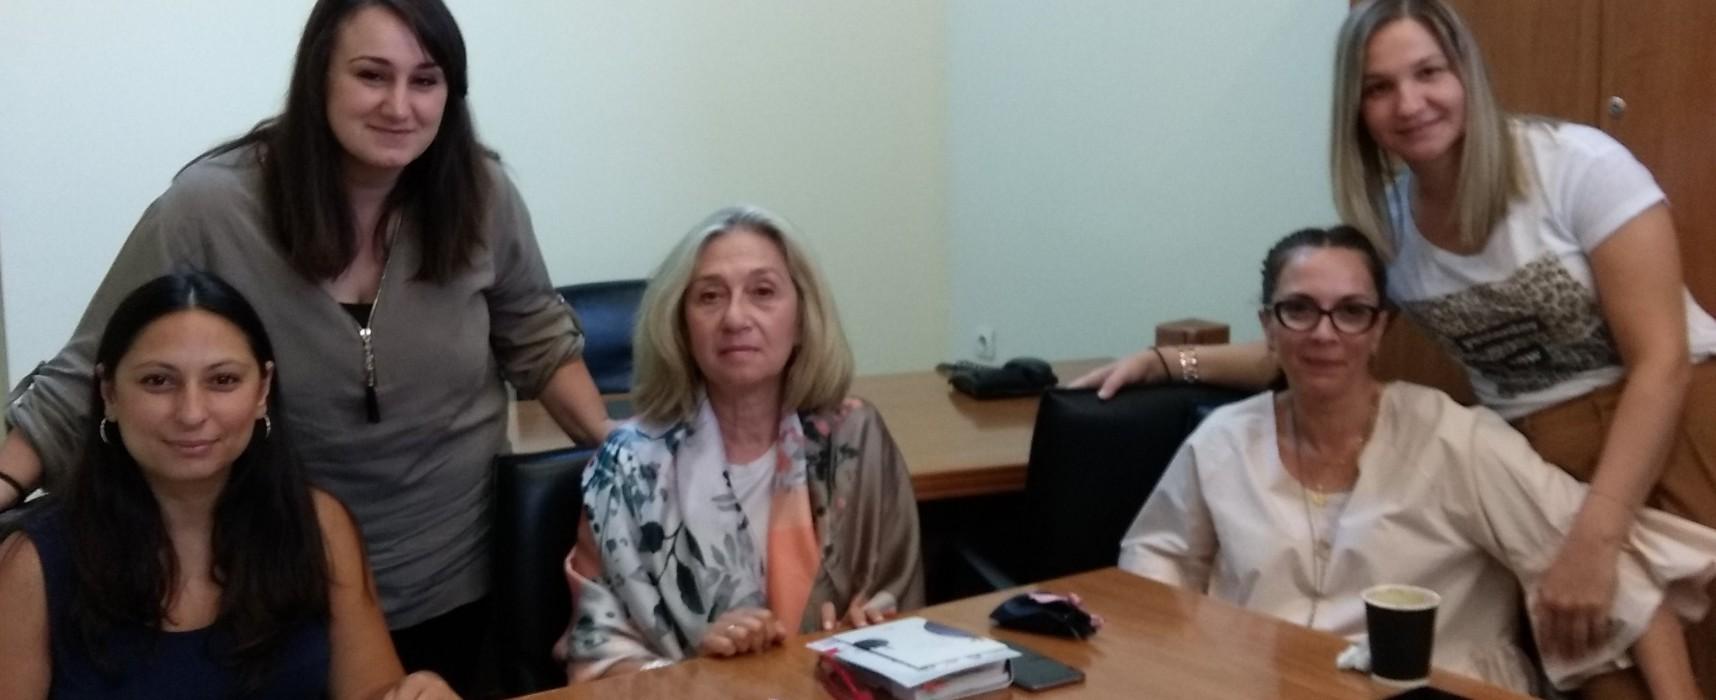 Συνέχιση στις Δράσεις Δικτύωσης Κέντρου Κοινότητας Σοφάδων